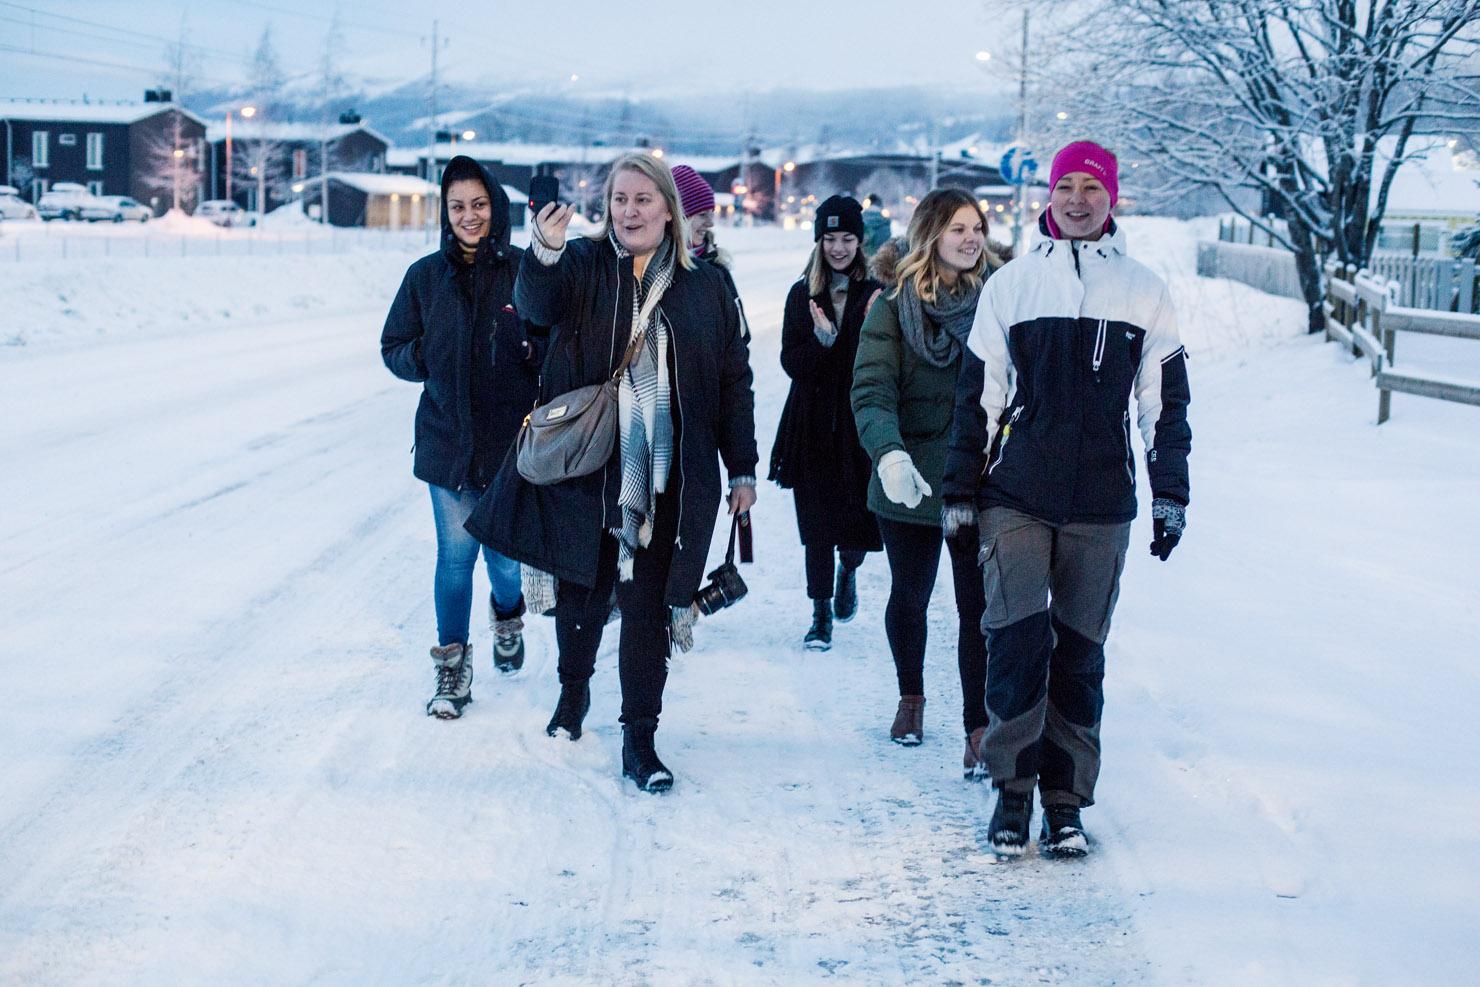 Själv är en bra dräng men gemenskap är starkare – Winter workation